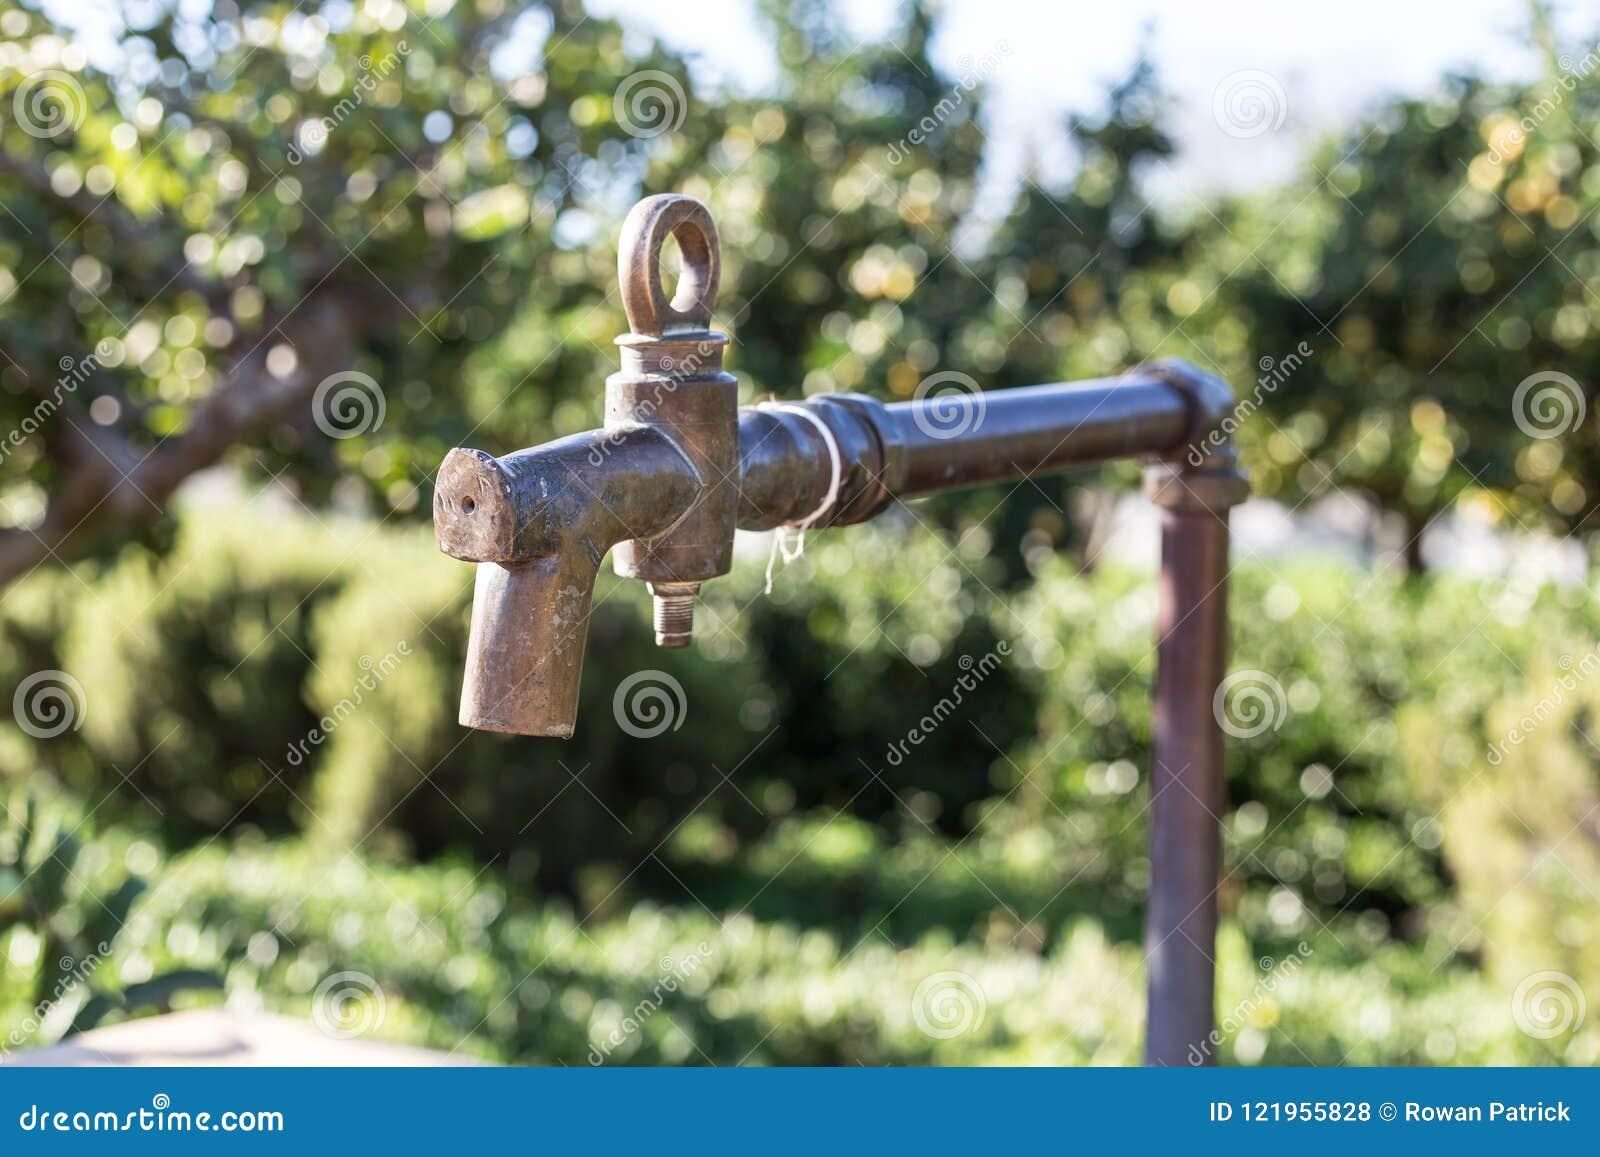 Tappningmässingsvattenklapp